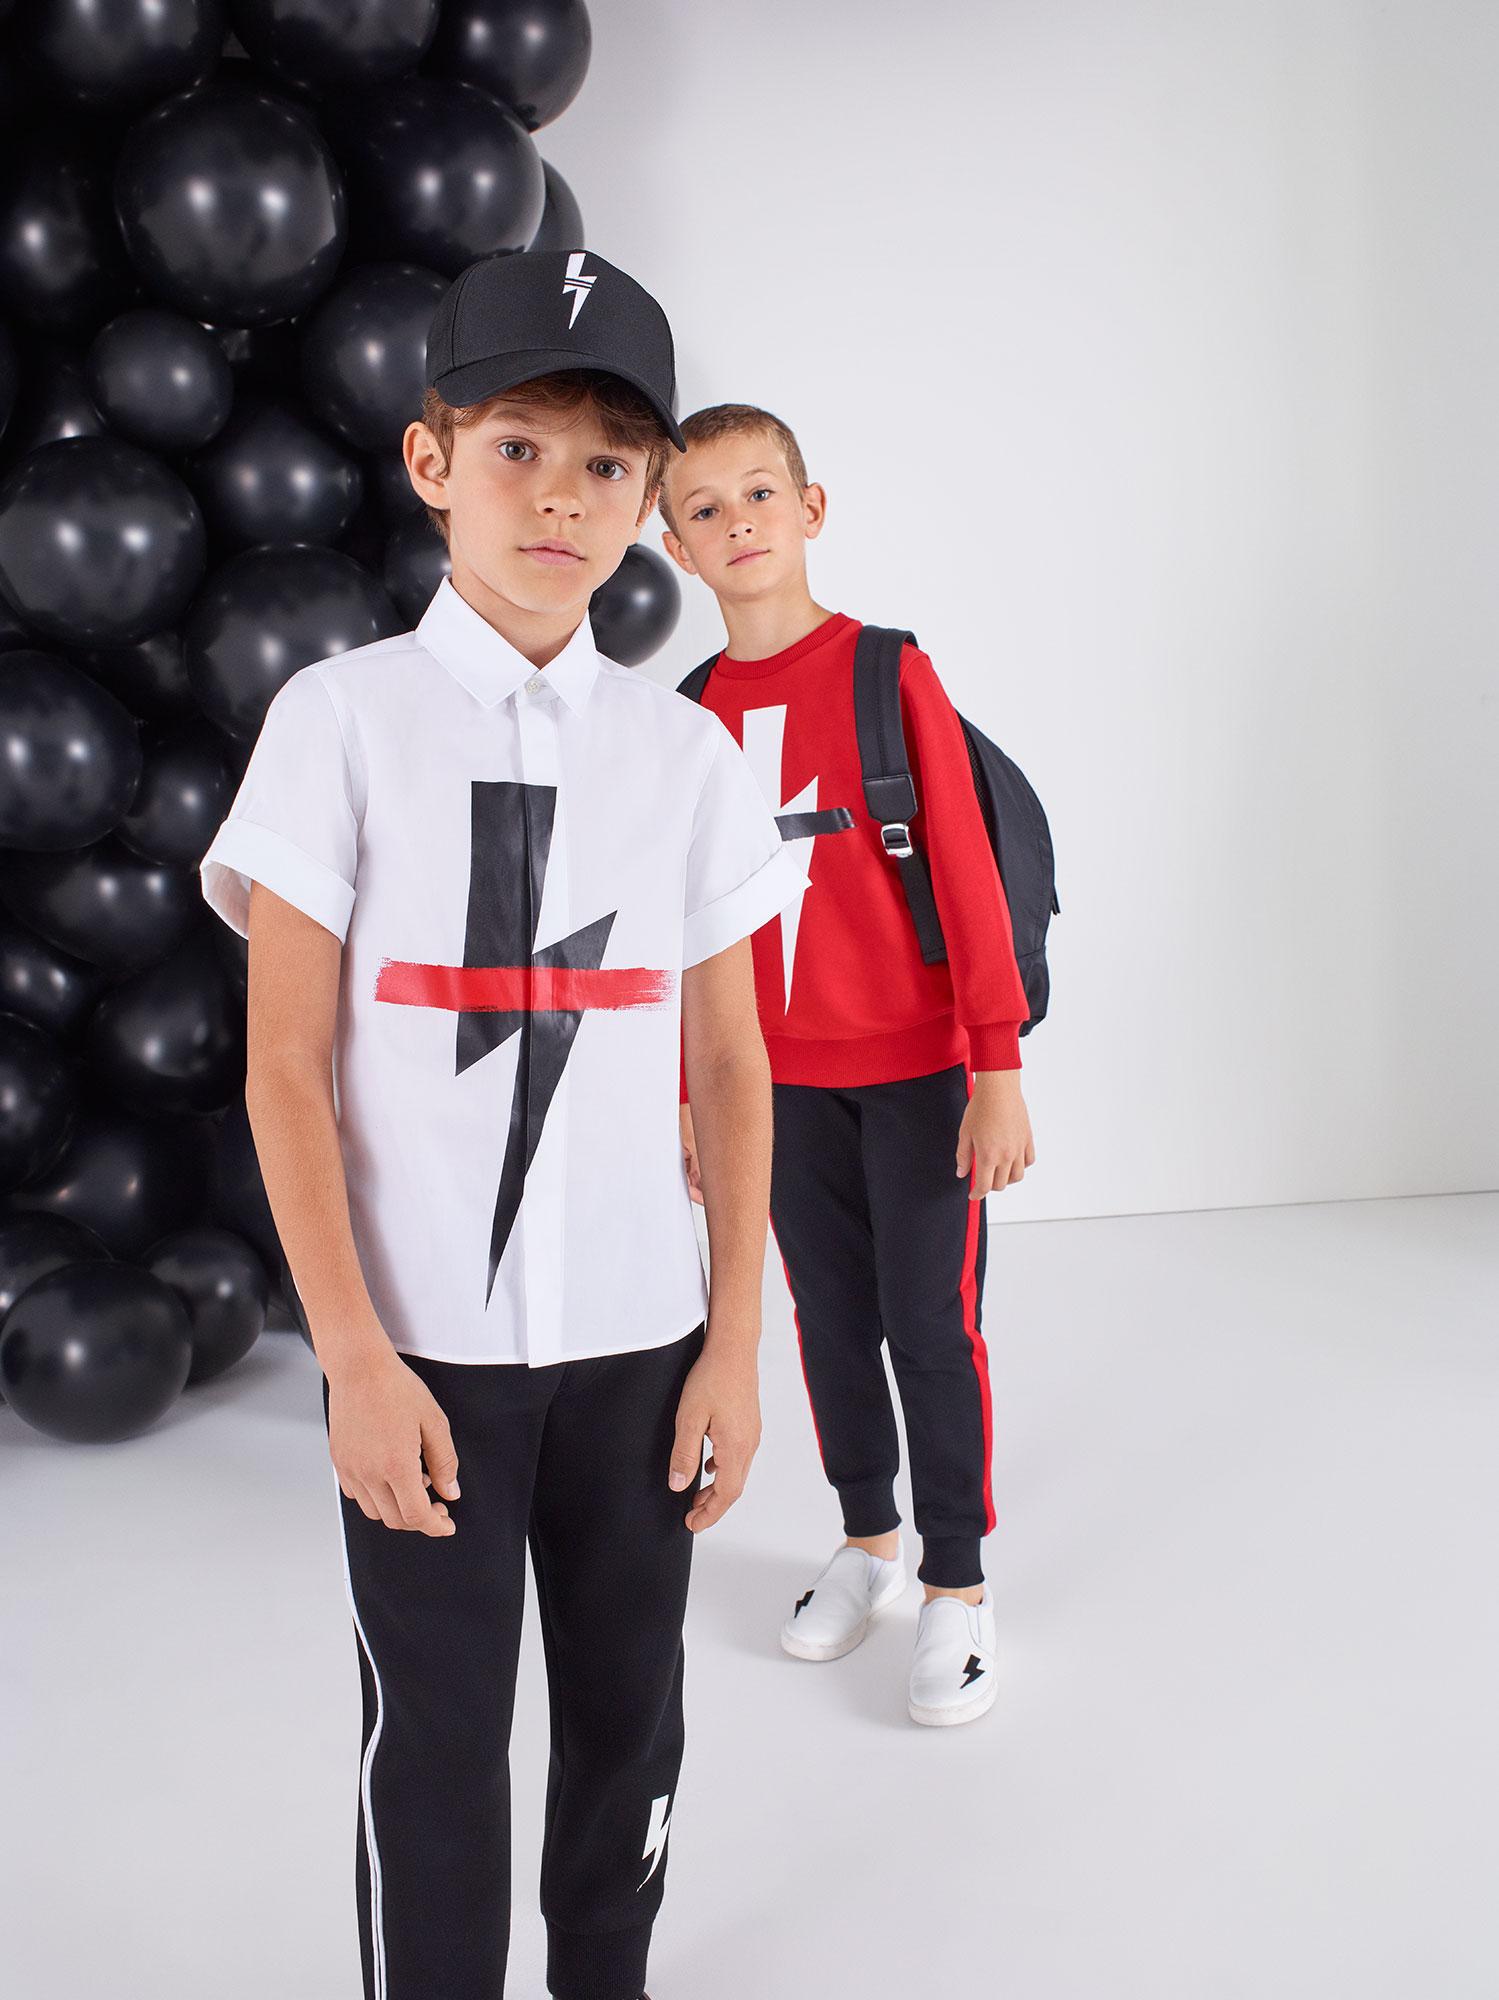 Neil Barrett Kids 2018 | Diego Diaz | Neil Barrett | Numerique Retouch Photo Retouching Studio